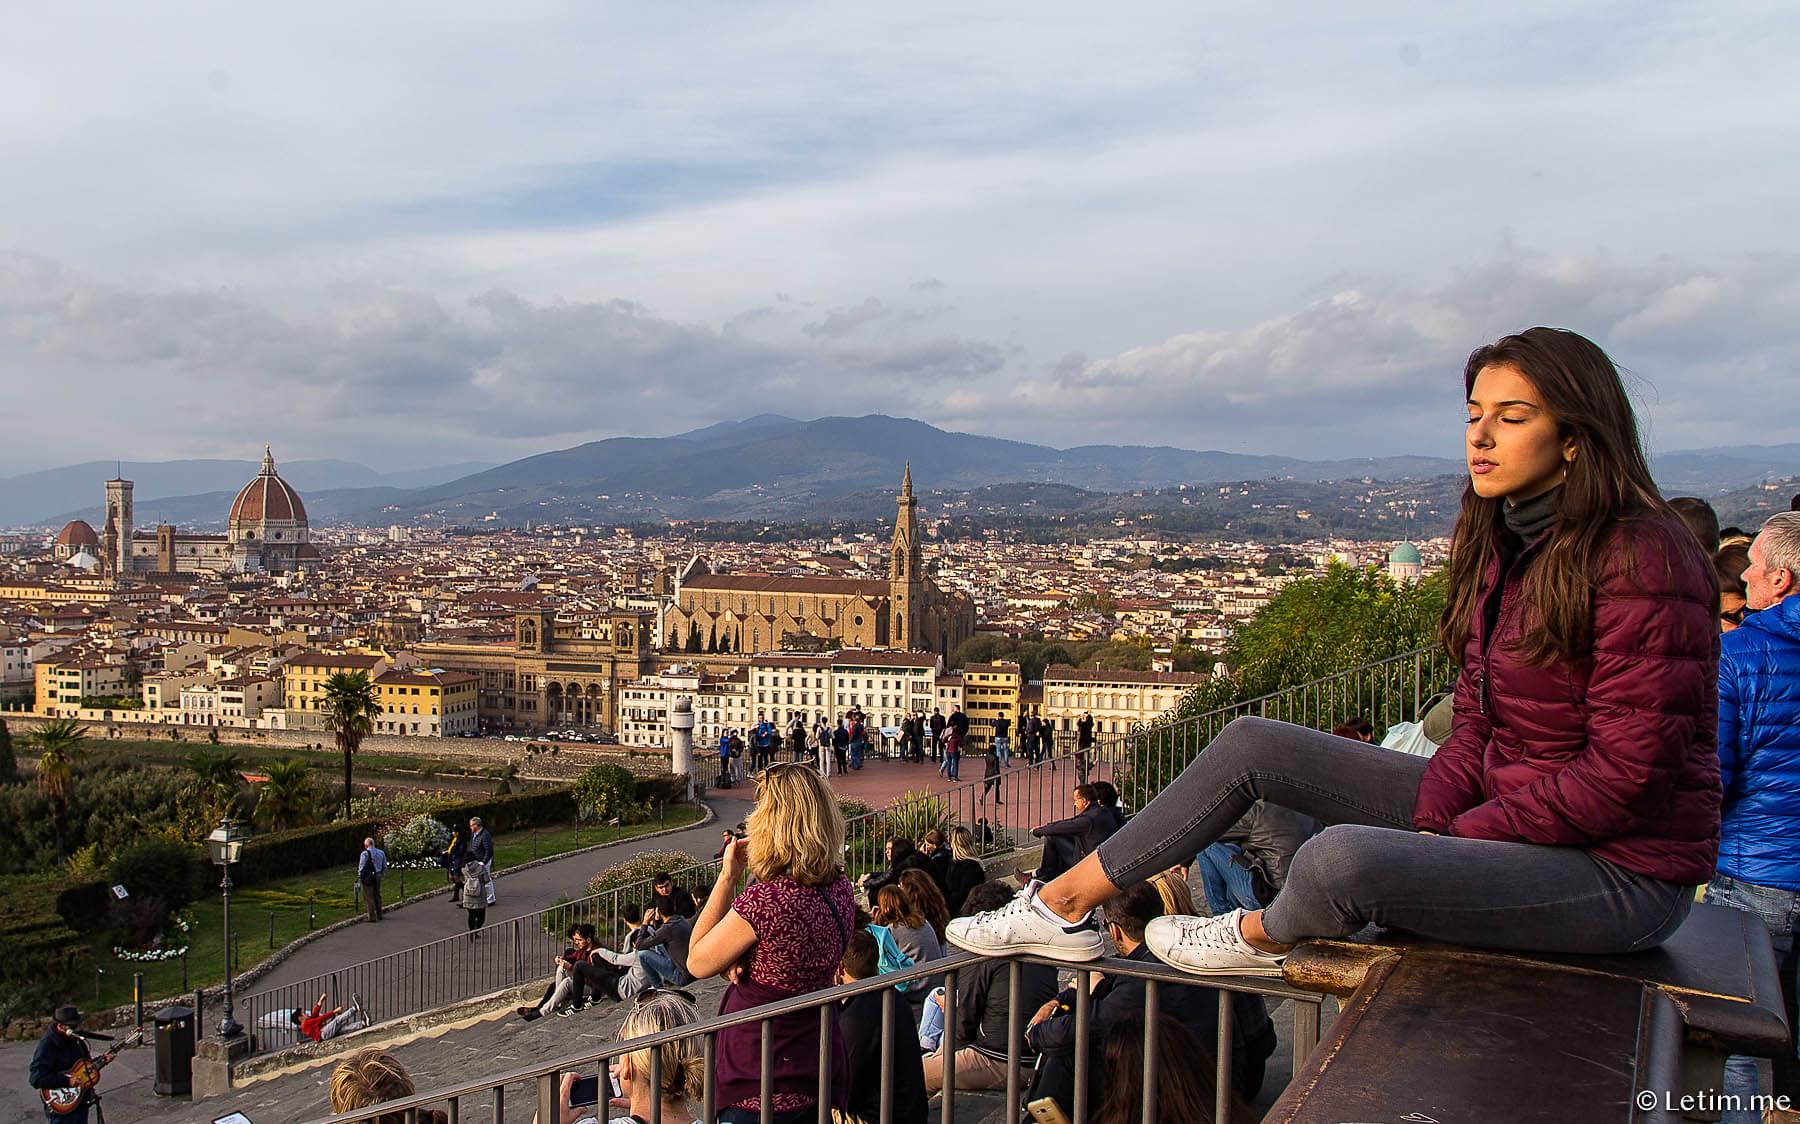 Флоренция. Трамвай, набережная р. Арно и фестиваль воздушных шаров